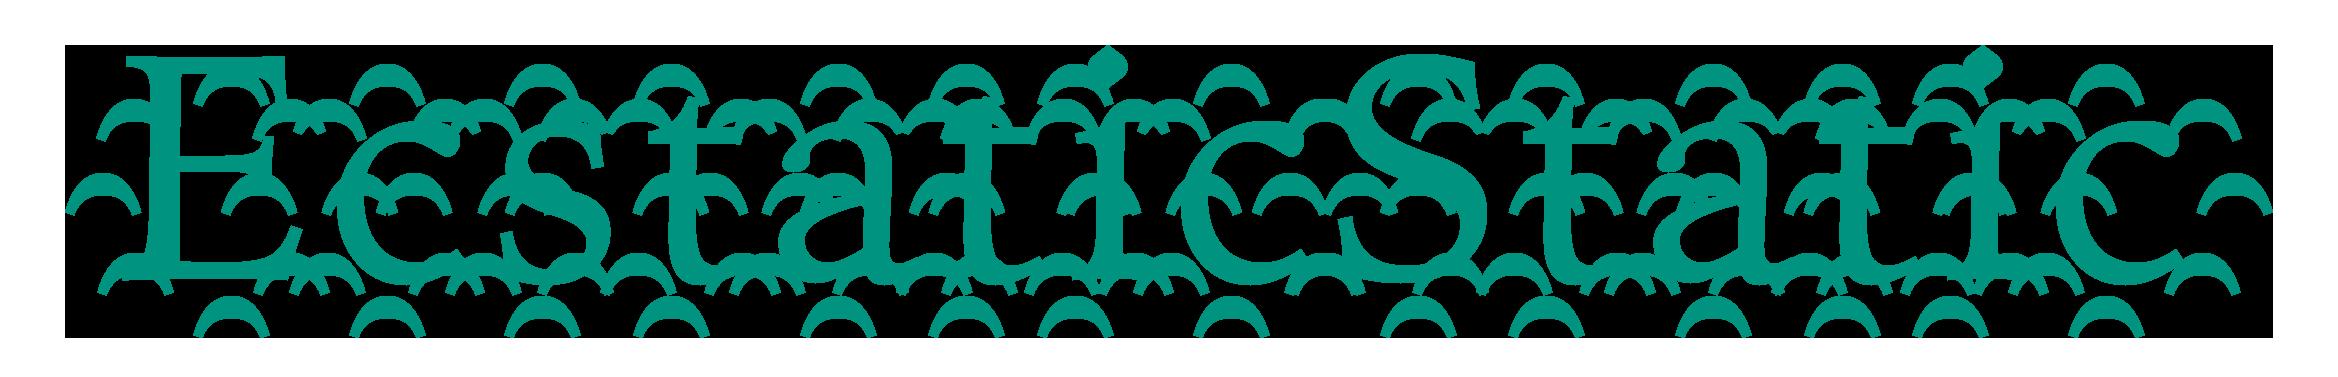 Ecstatic Static logo